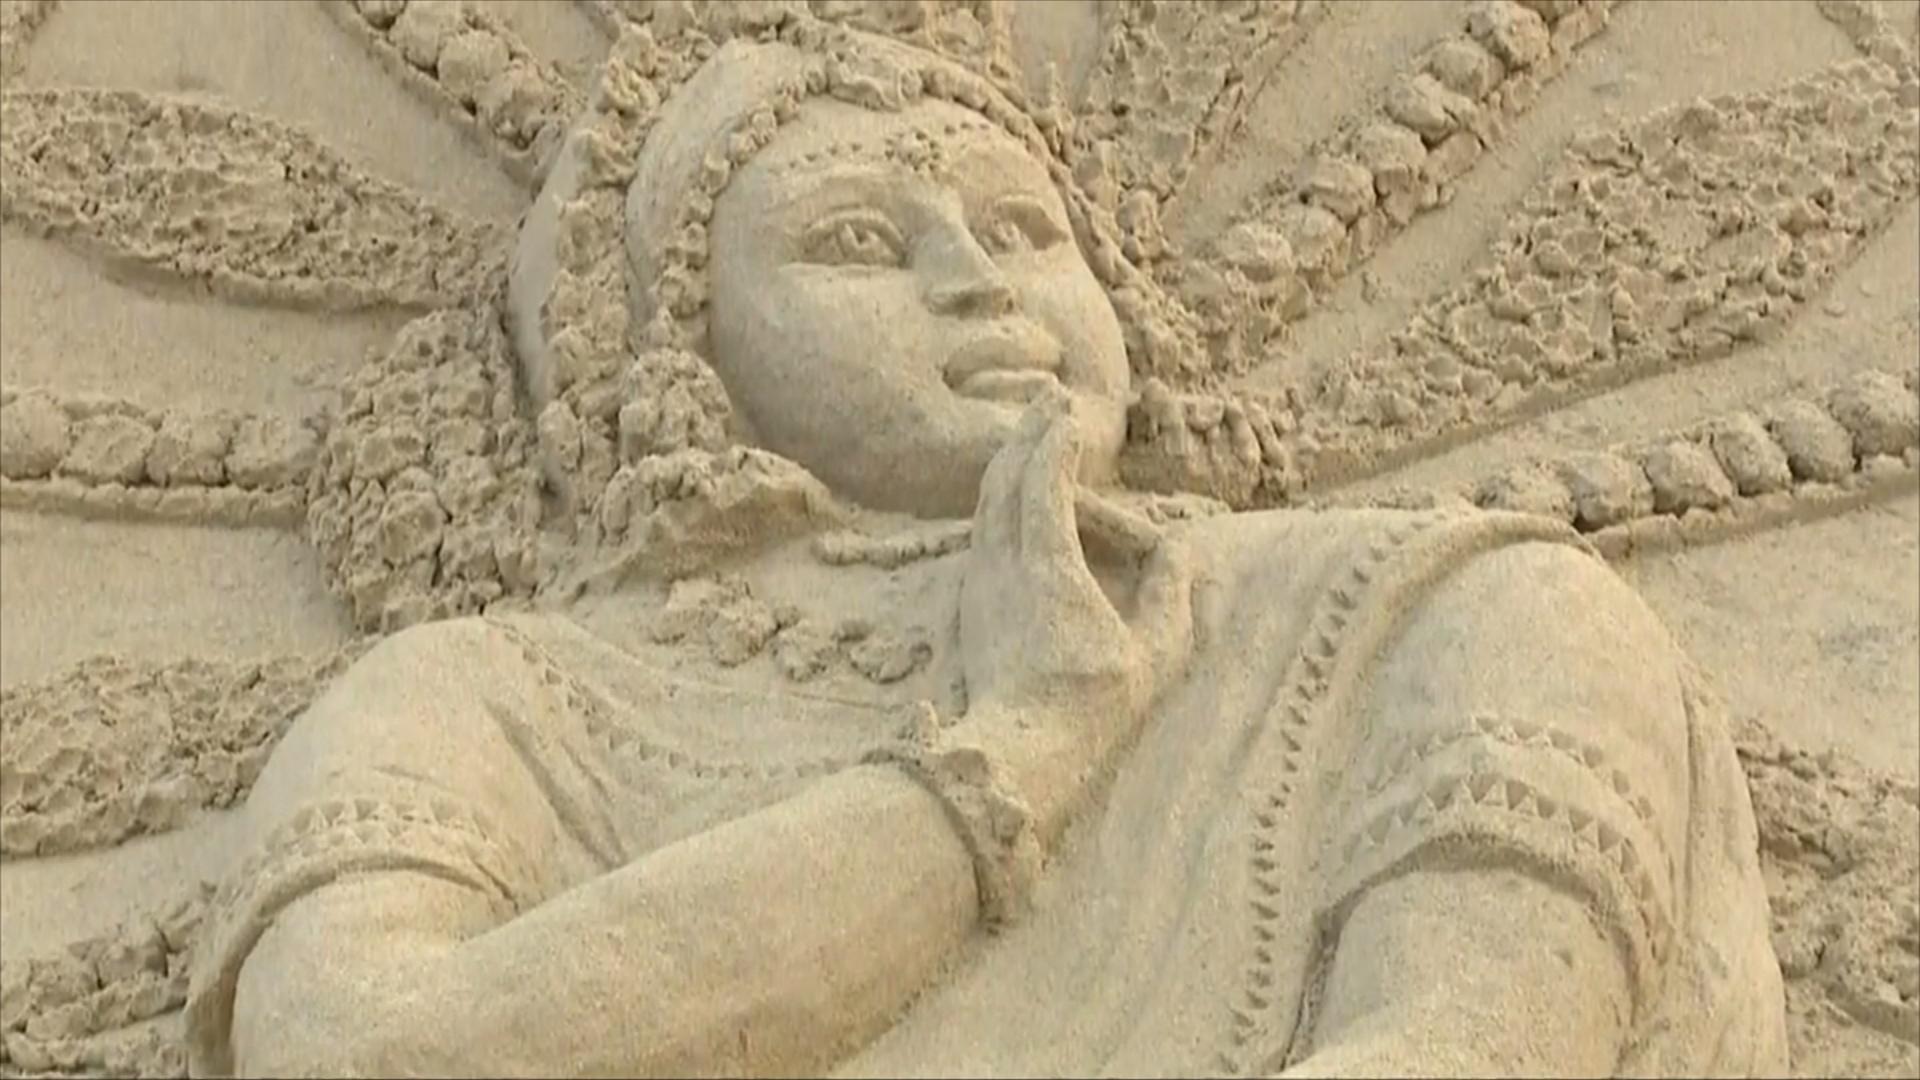 Грандиозные скульптуры из песка создали на фестивале в Индии